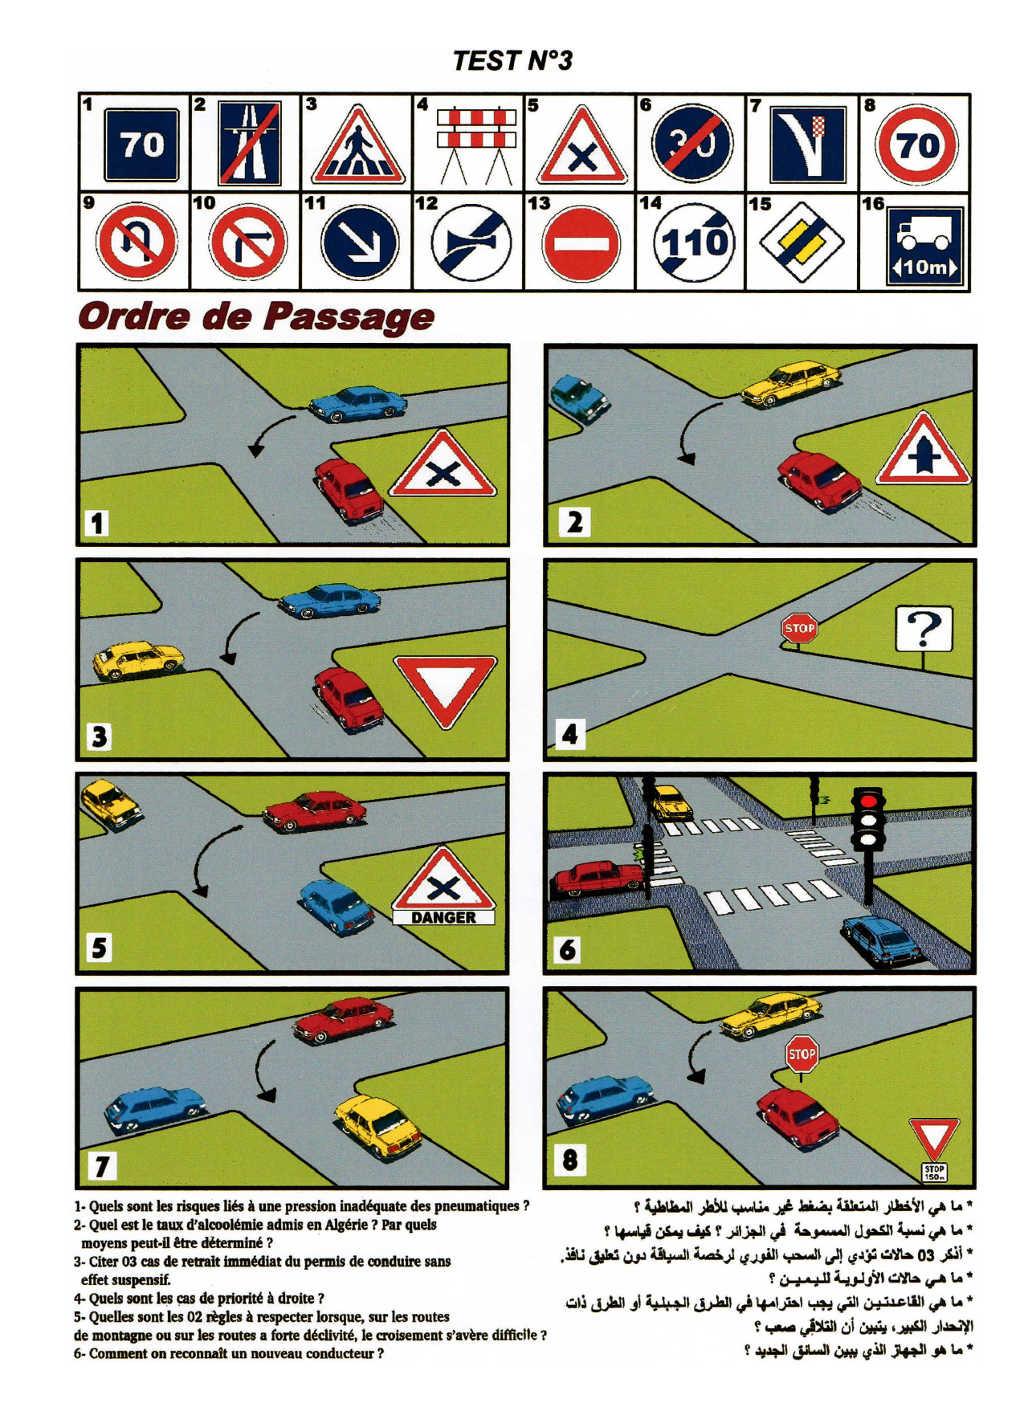 كتاب امتحان رخصة السياقة - الصفحة 3